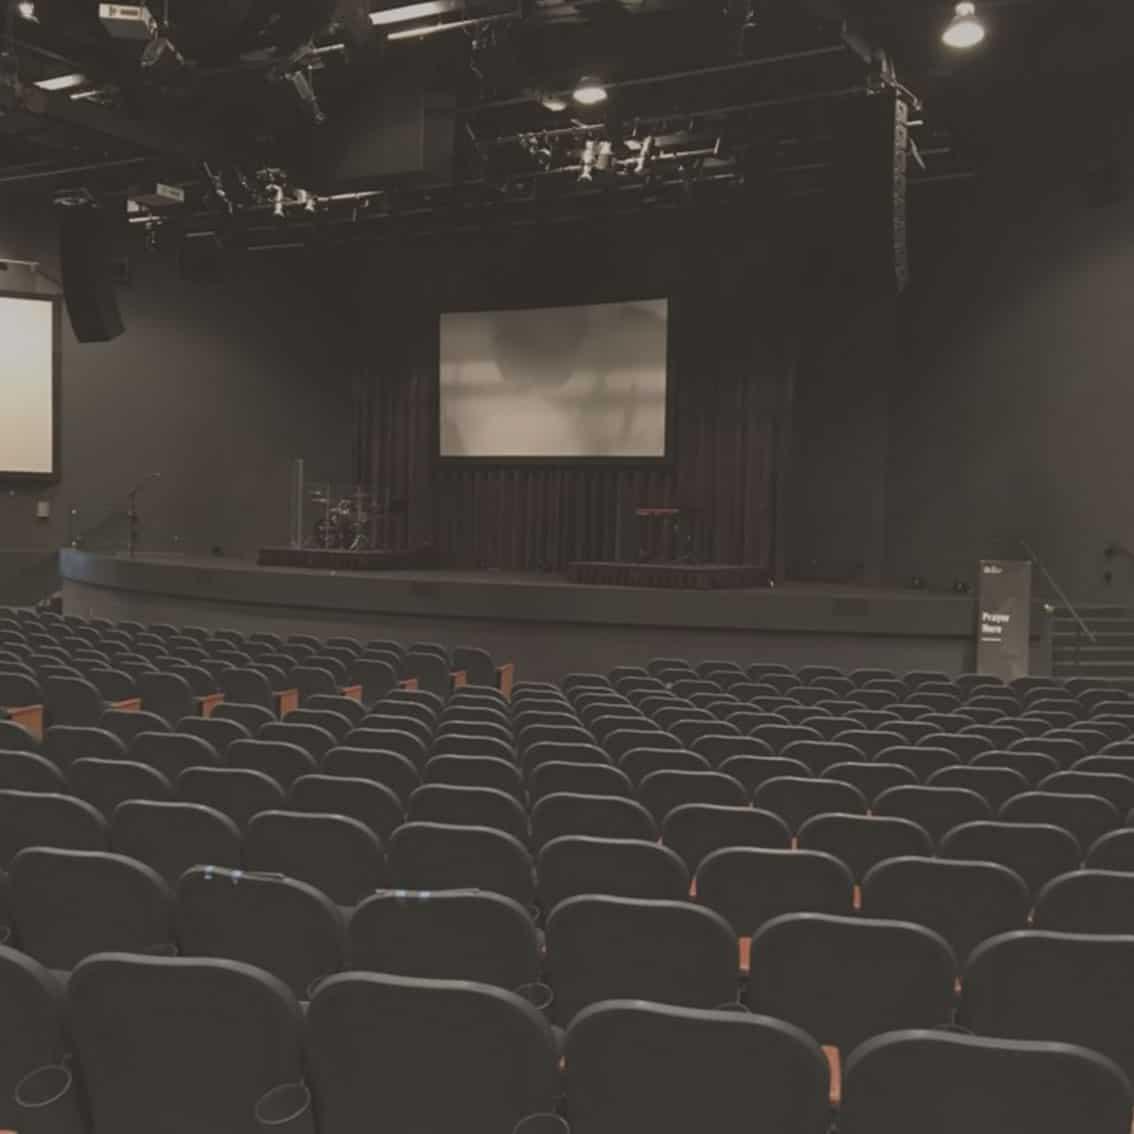 Kongressraum mit Bühne für eine Jahresauftaktveranstaltung oder ein Kick Off Ärzte Kongresse Mediziner Kongresse oder Gala Dinner